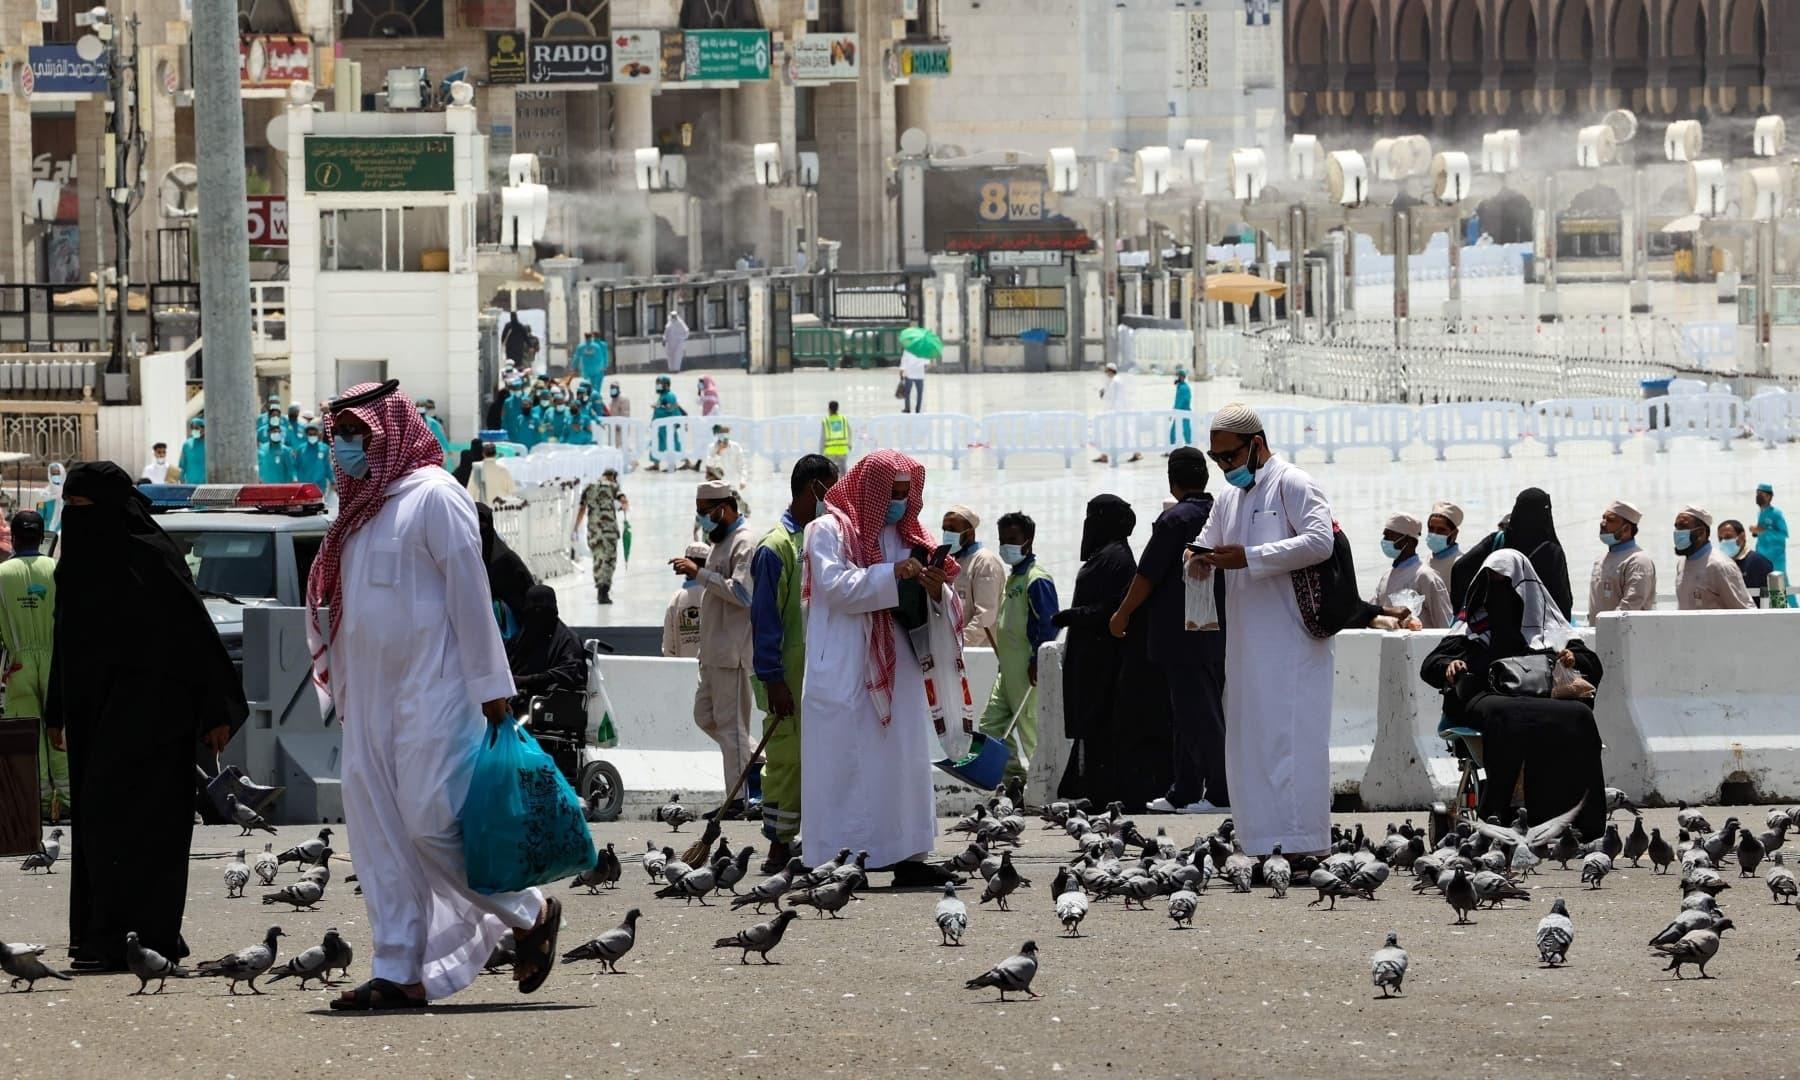 زائرین مسجد الحرام کے باہر کبوتروں کو کھانا ڈال رہے ہیں - فوٹو:اے ایف پی